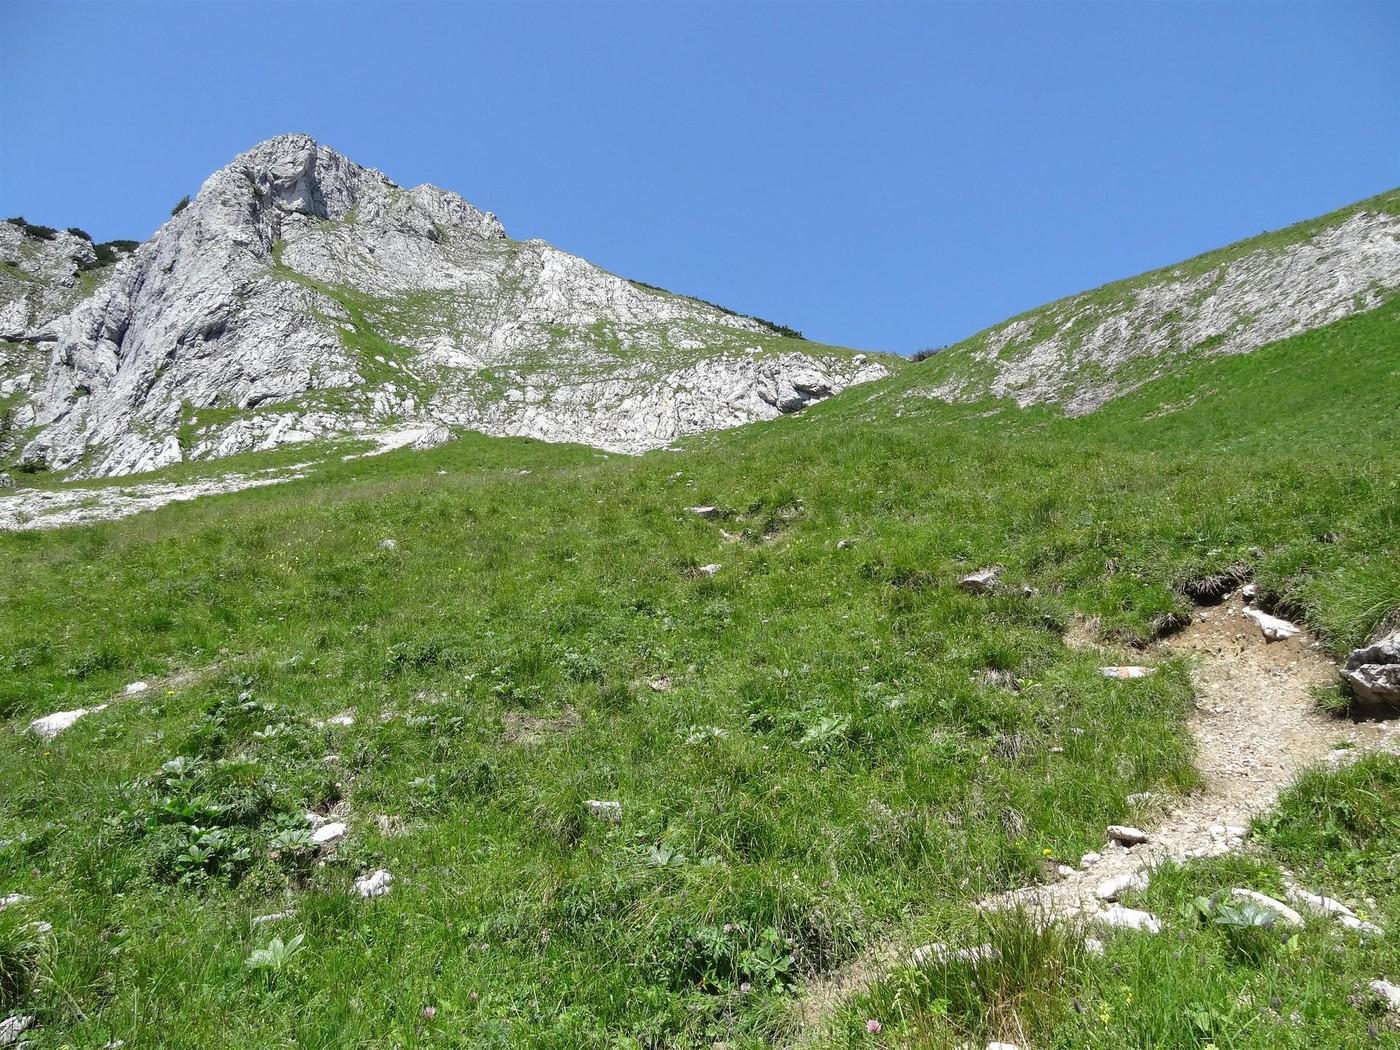 Klettersteig Leopoldsteinersee : Kaiser franz joseph klettersteig hochblaser hochschwab